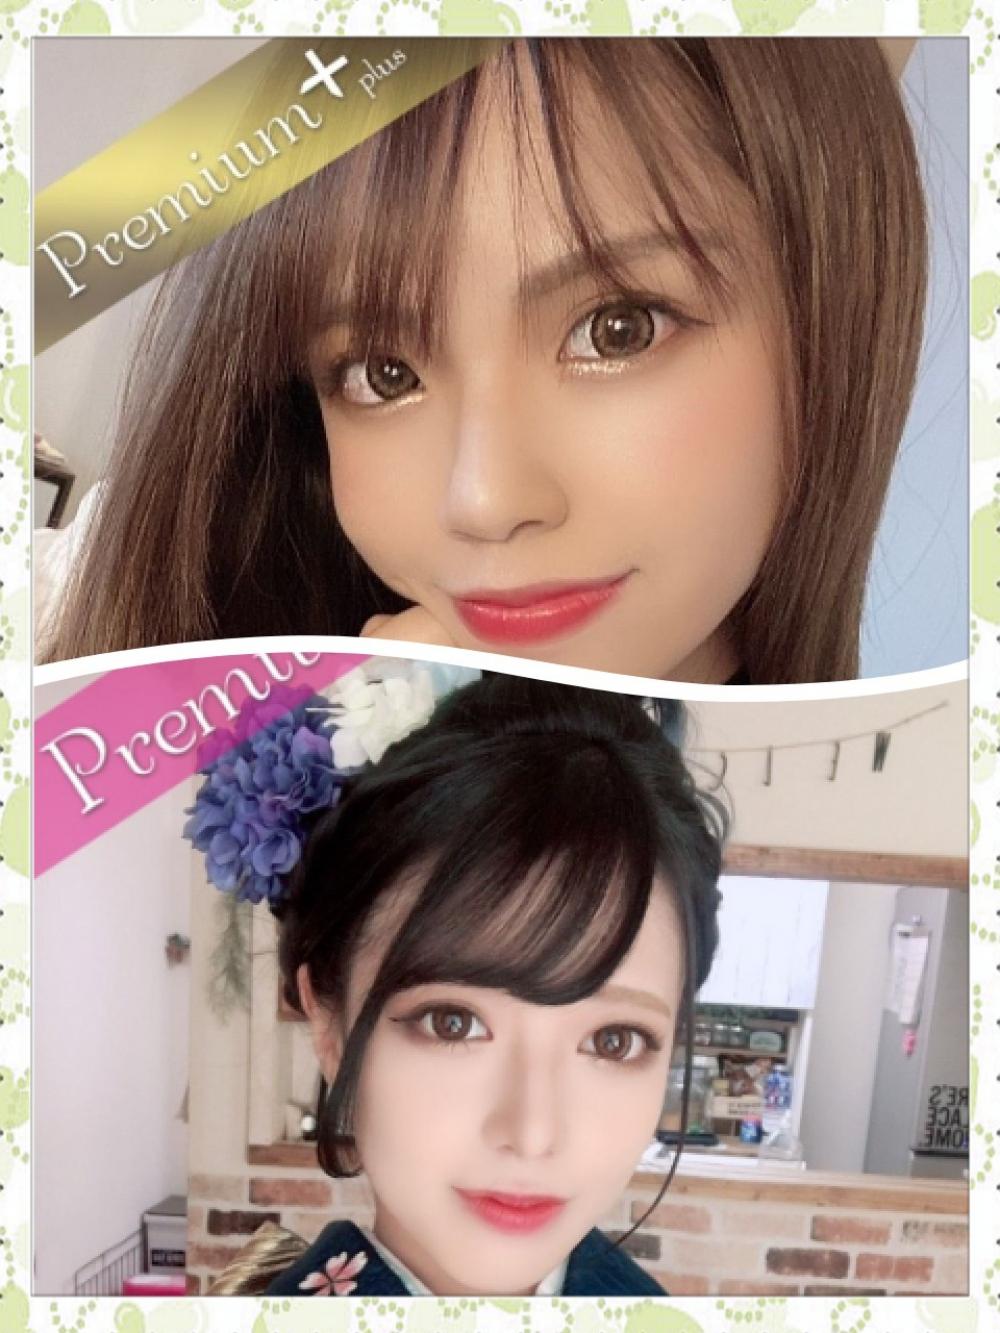 【現役AV女優】りさ&ゆあ プロフィール画像